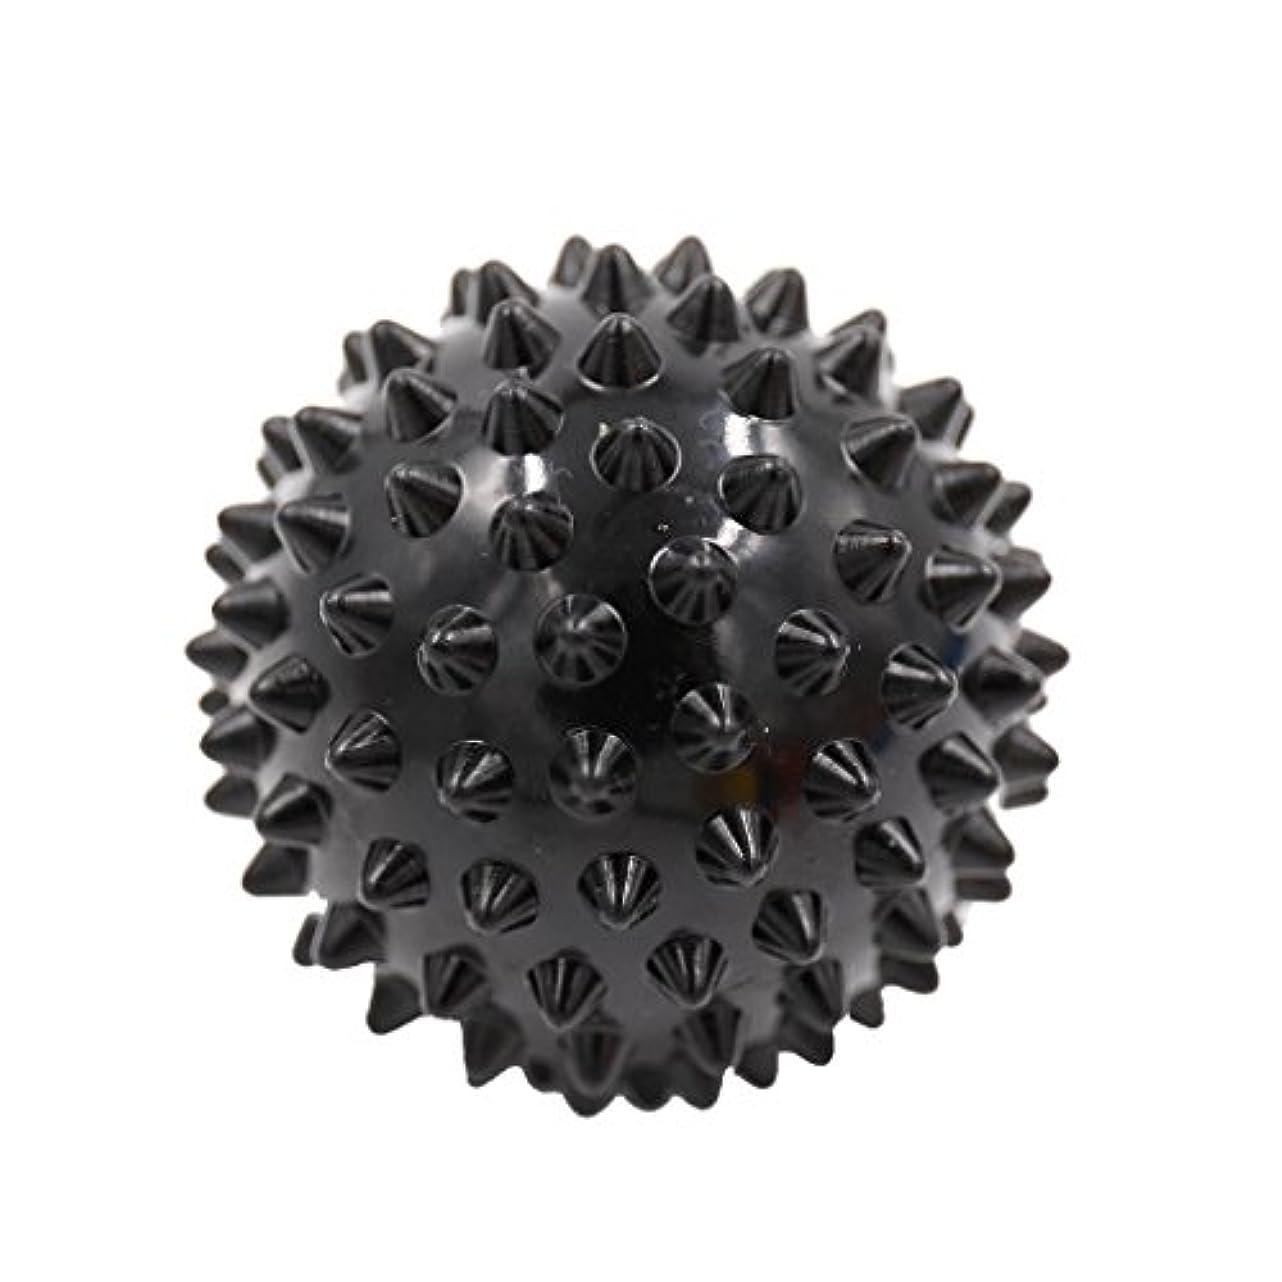 アナニバーピンポイントおそらくマッサージボール マッサージ器 ボディ レリーフ スパイク マッサージ 刺激ボール 3色選べ - ブラック, 説明したように